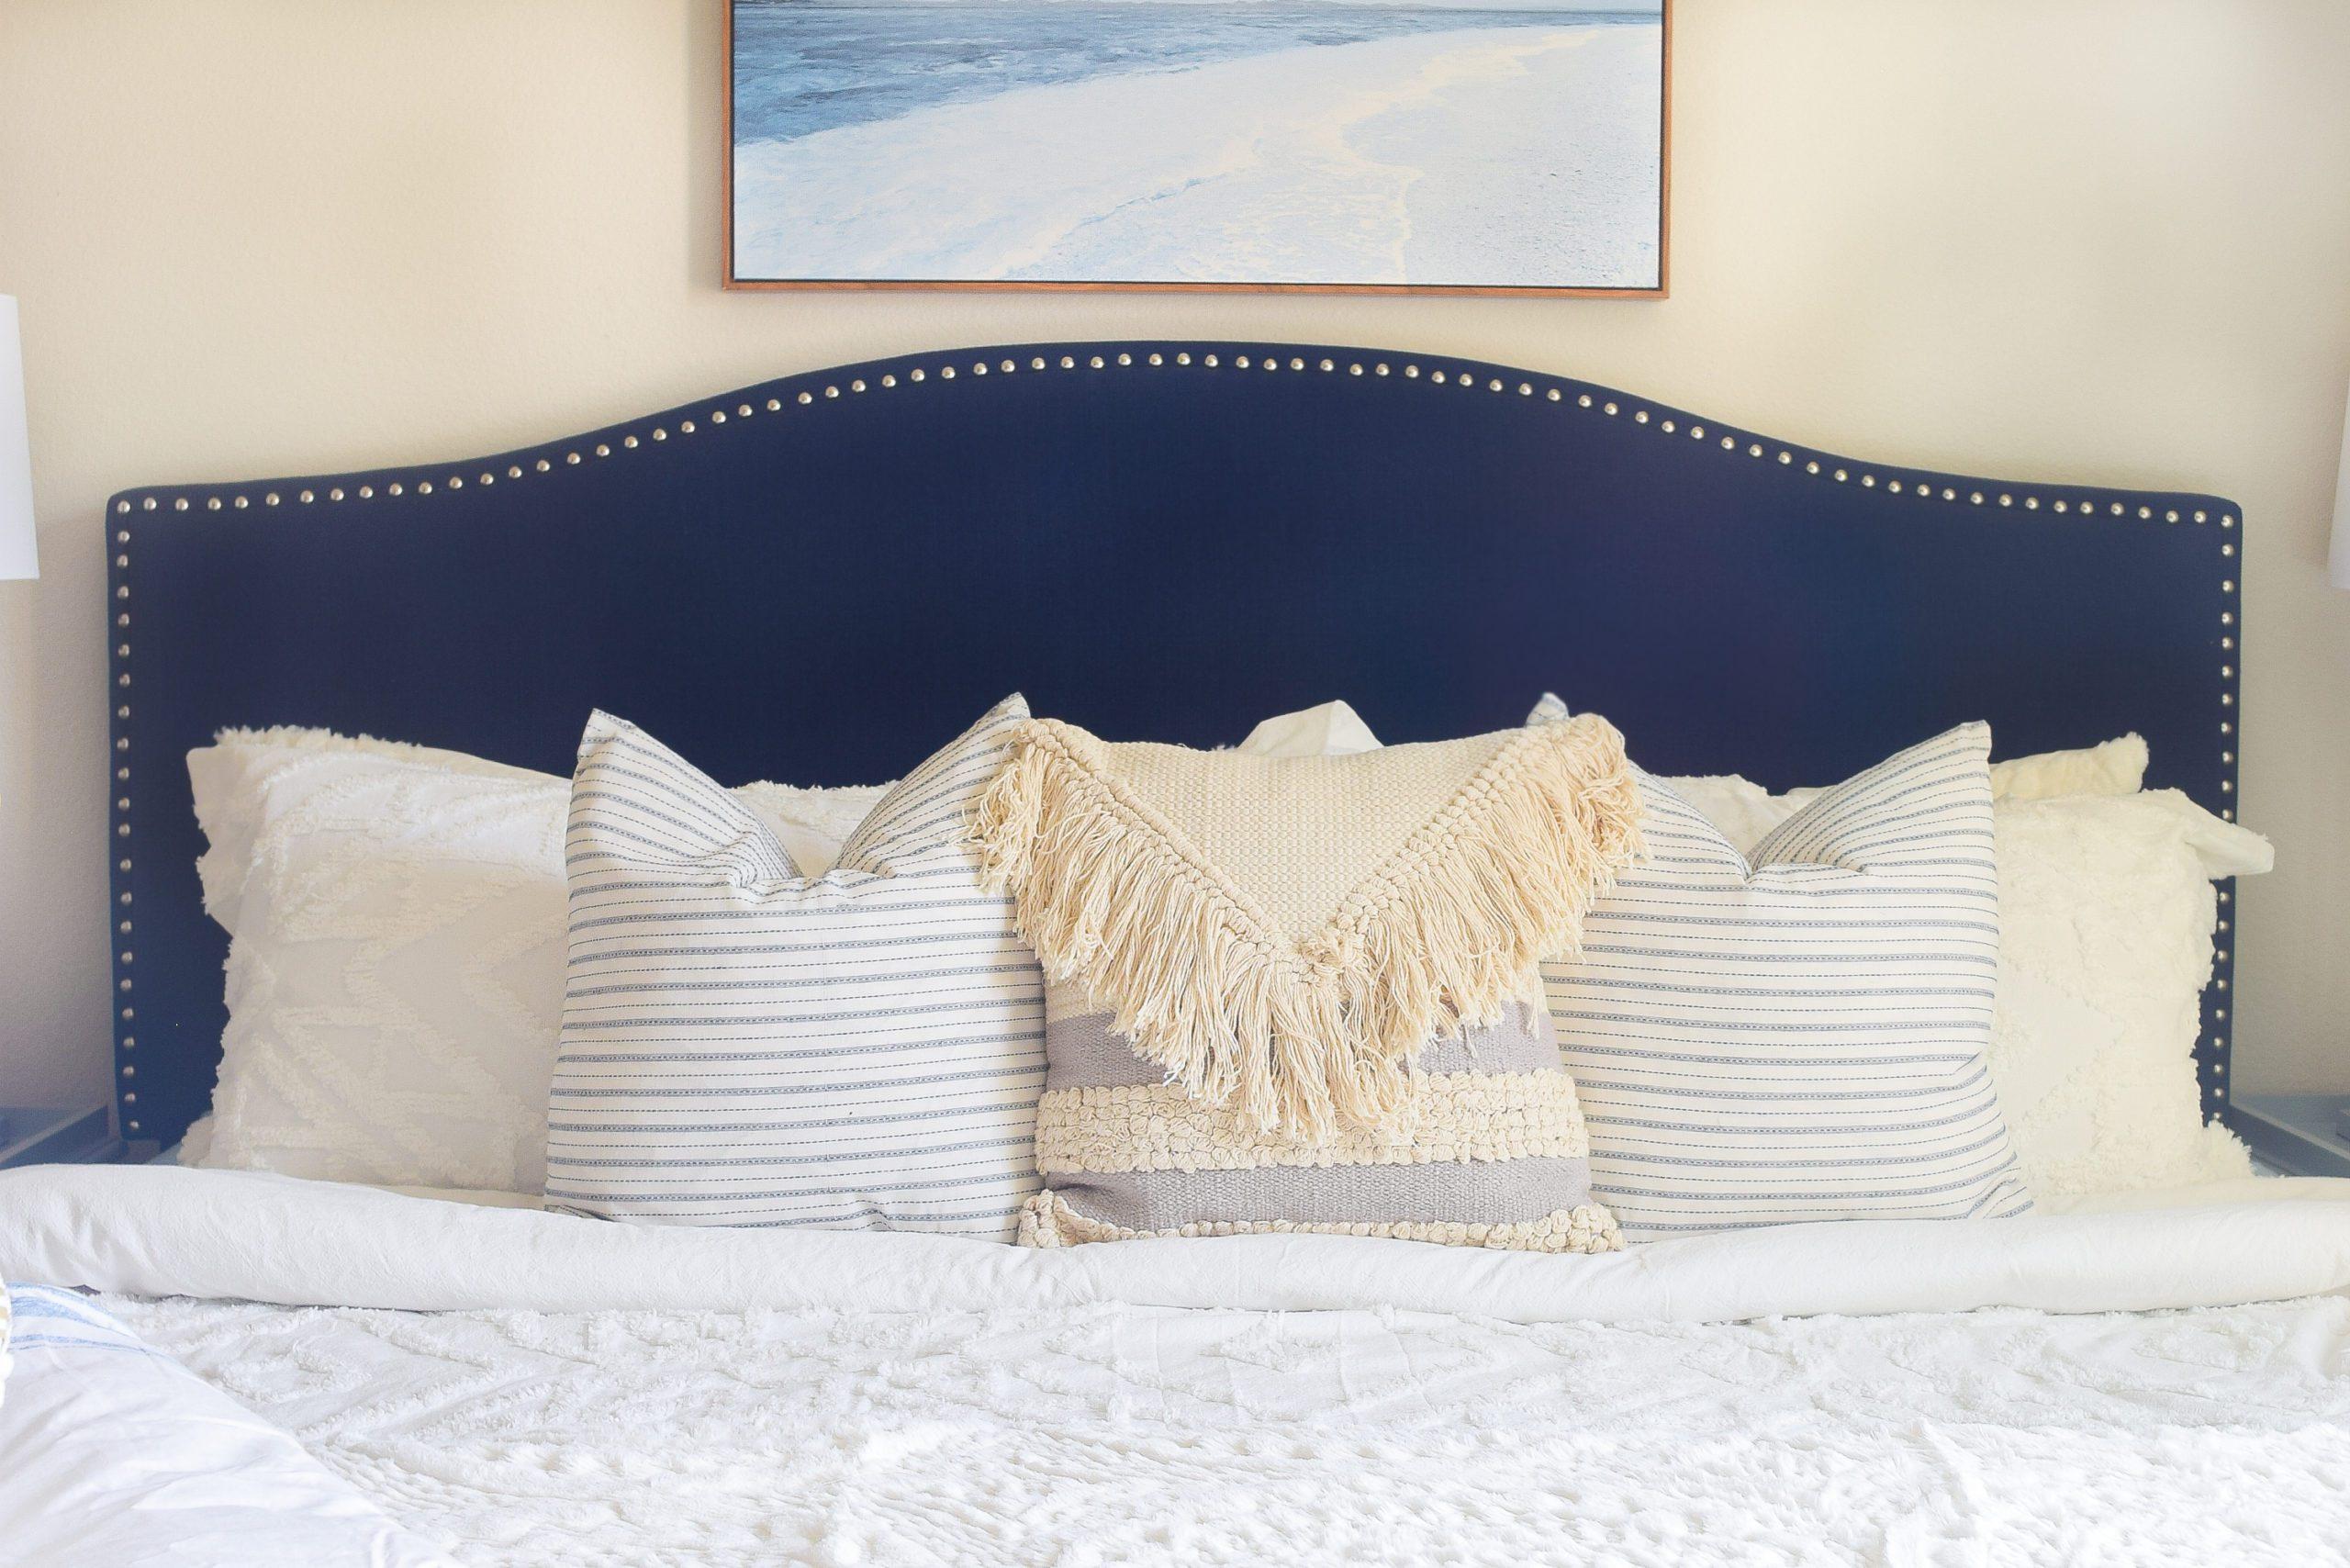 Inexpensive bedding